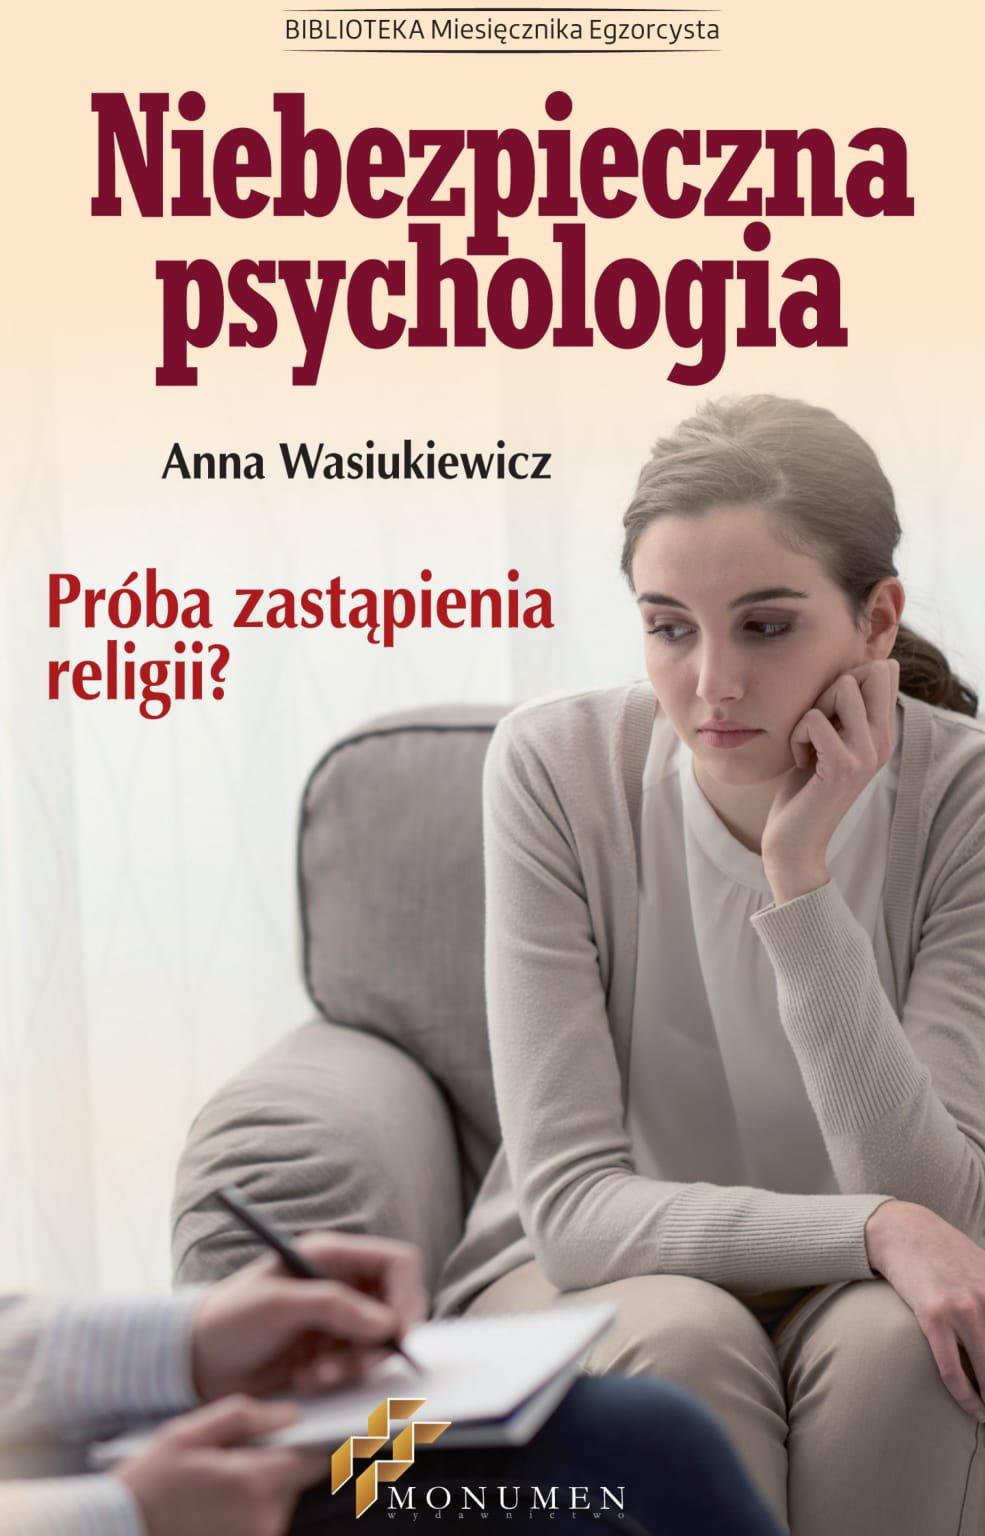 Niebezpieczna psychologia - Ebook (Książka PDF) do pobrania w formacie PDF